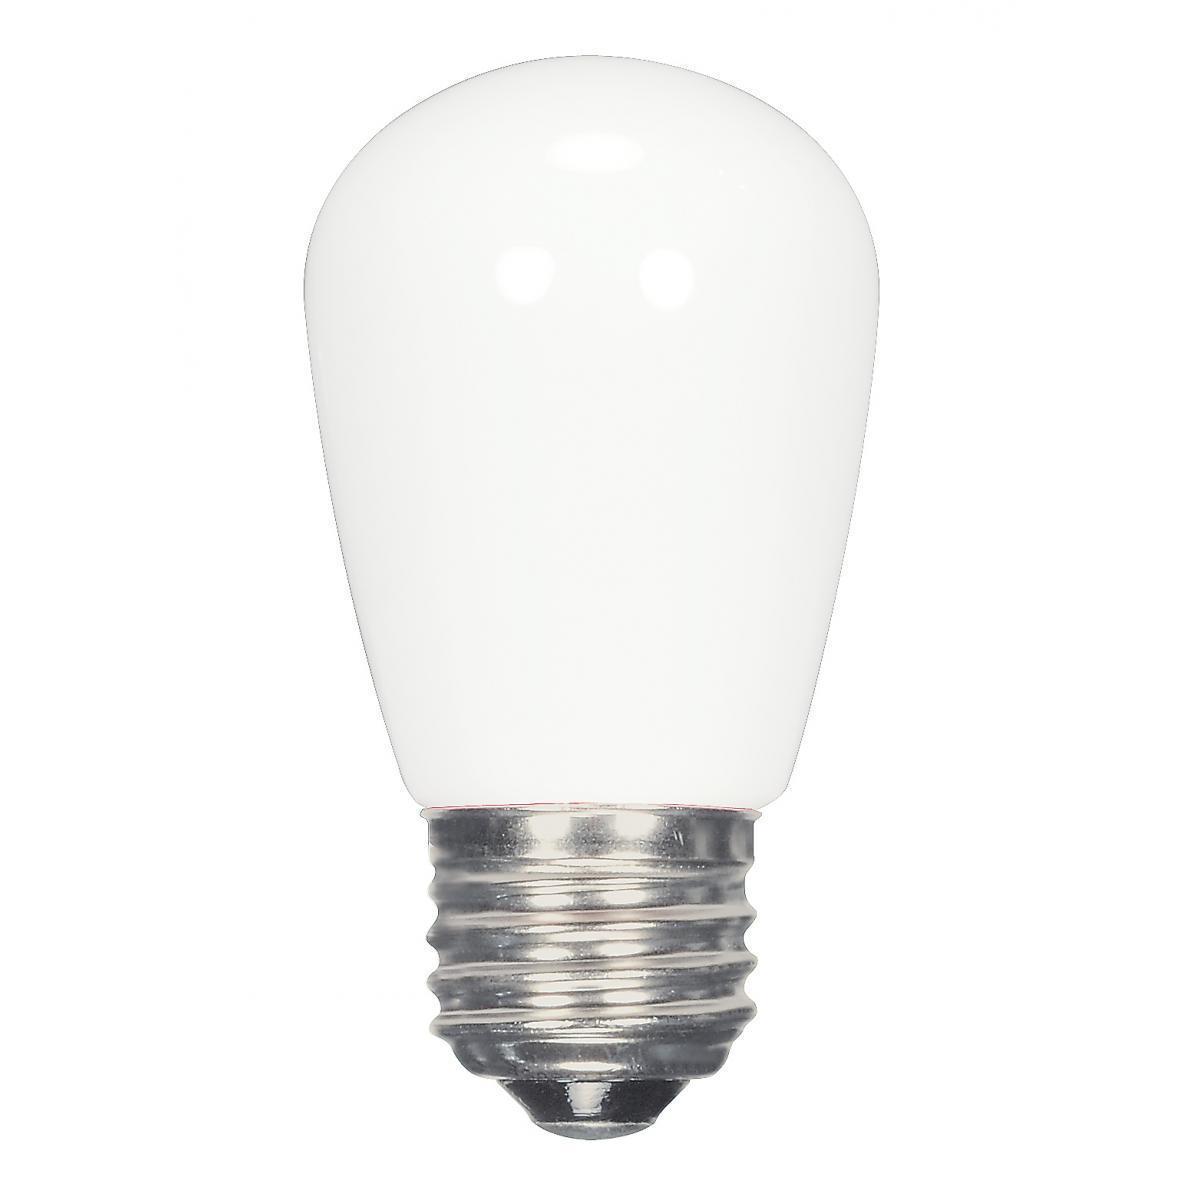 SATCO 1.4W LED S14 - Frost - Medium Base - 120V (Coated W...